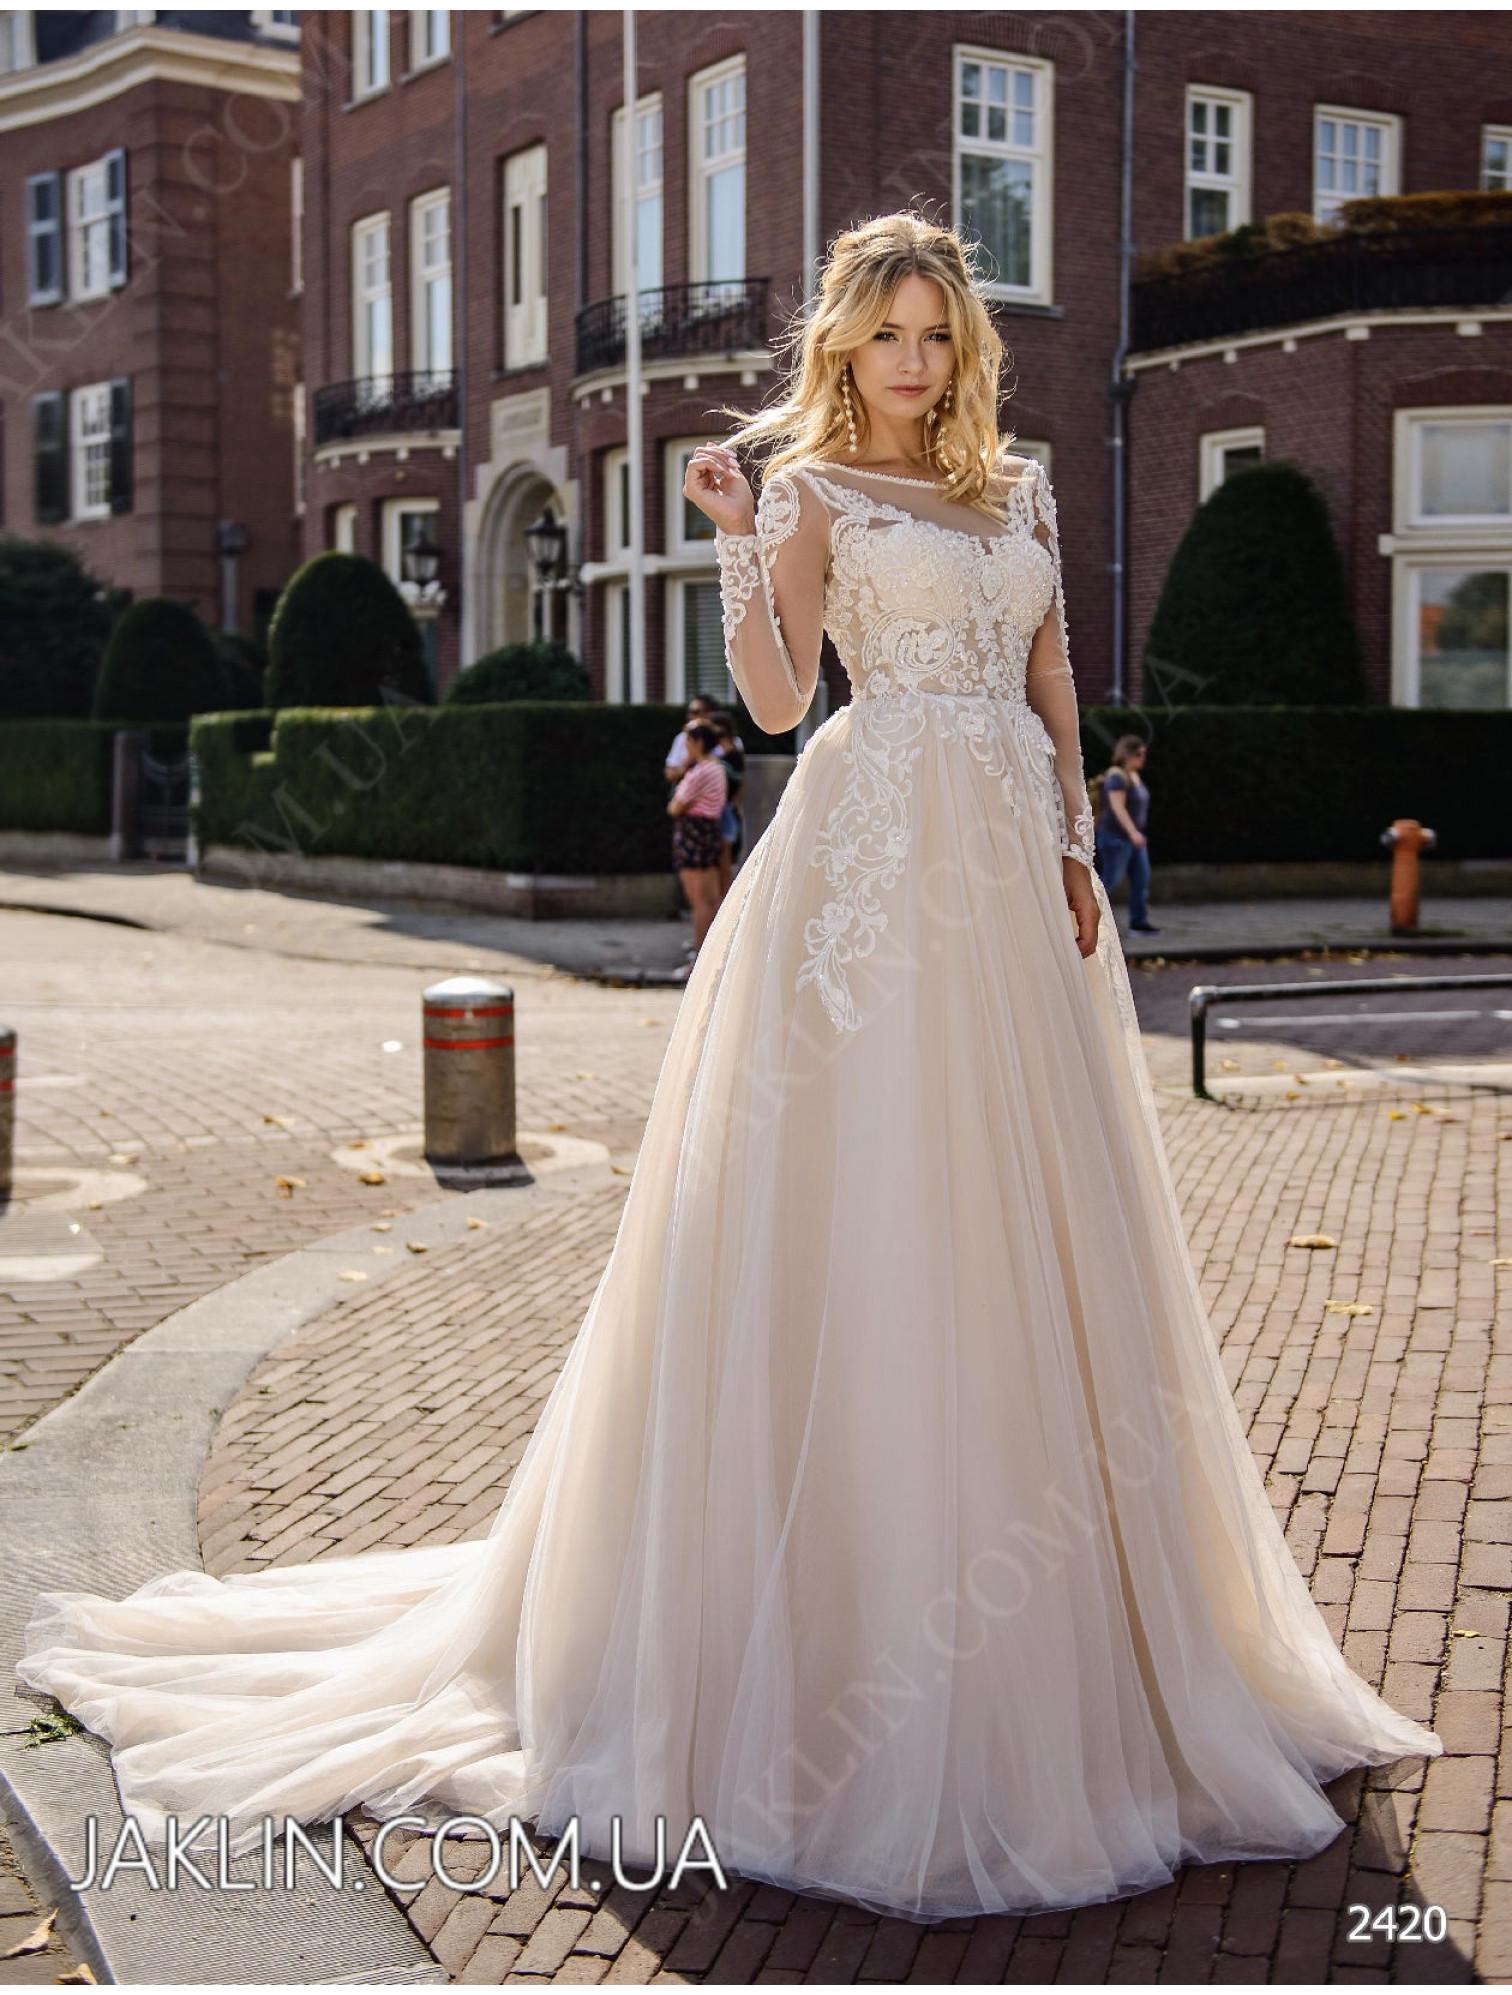 Свадебное платье 2420